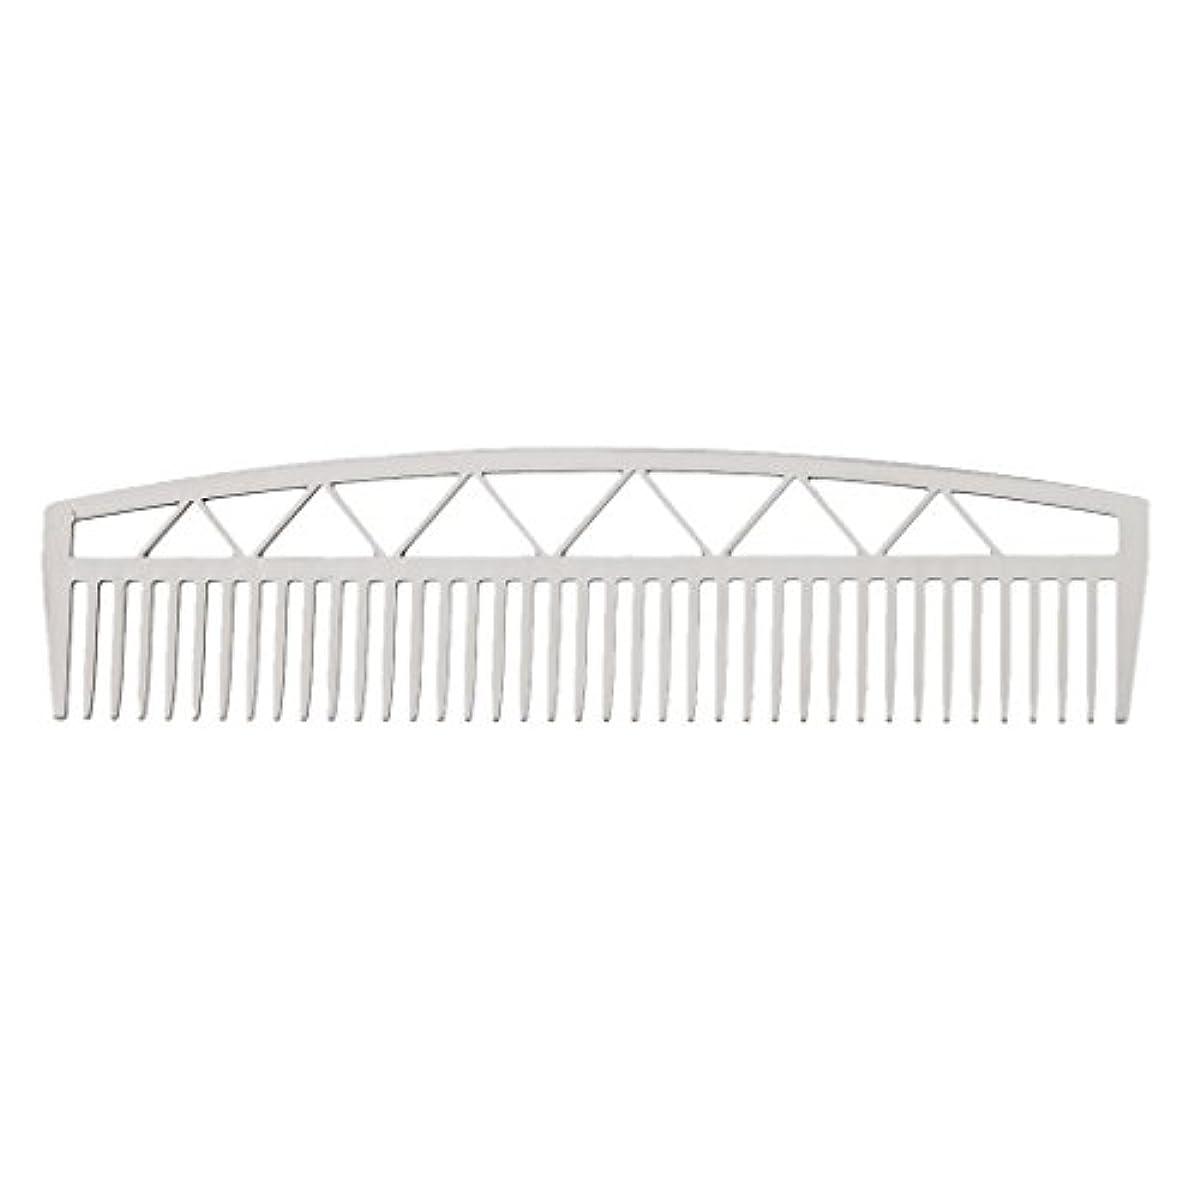 ずんぐりした天使集計ビアードコーム ヘアコーム ステンレス鋼 ひげ櫛 メンズ 便利 2タイプ - #2